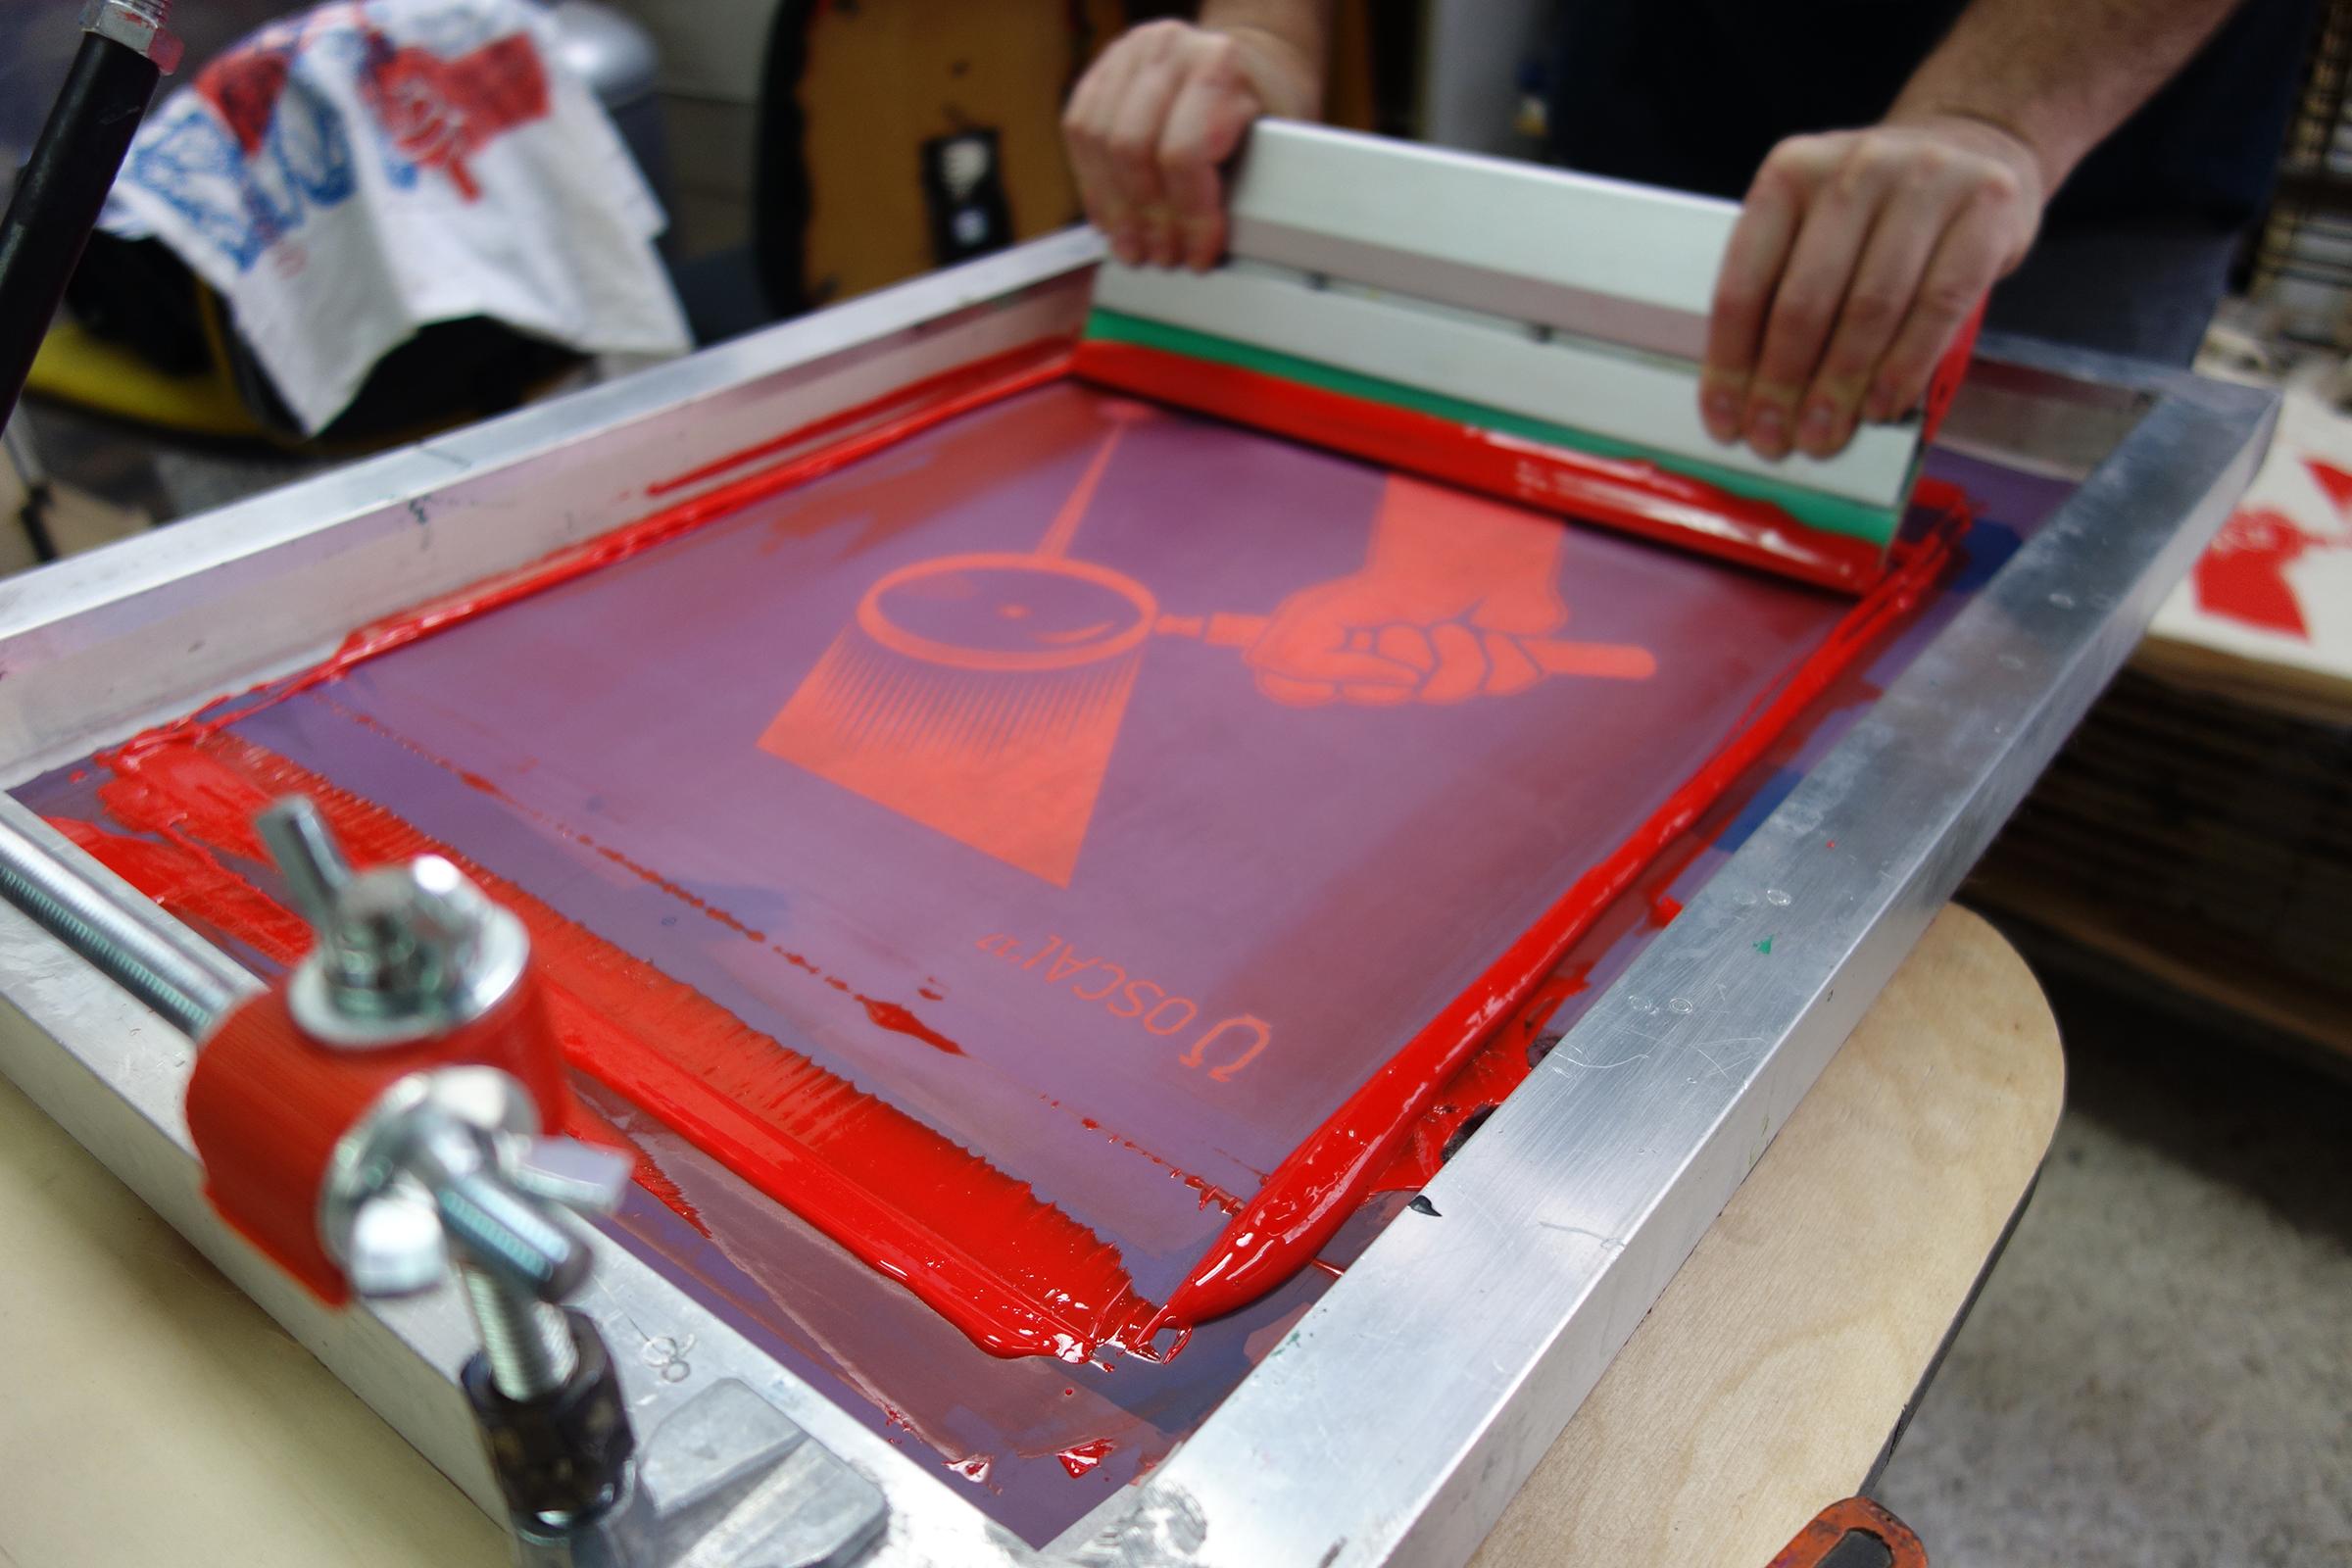 oscal-2017-silkscreen-printed-materials-28.jpg